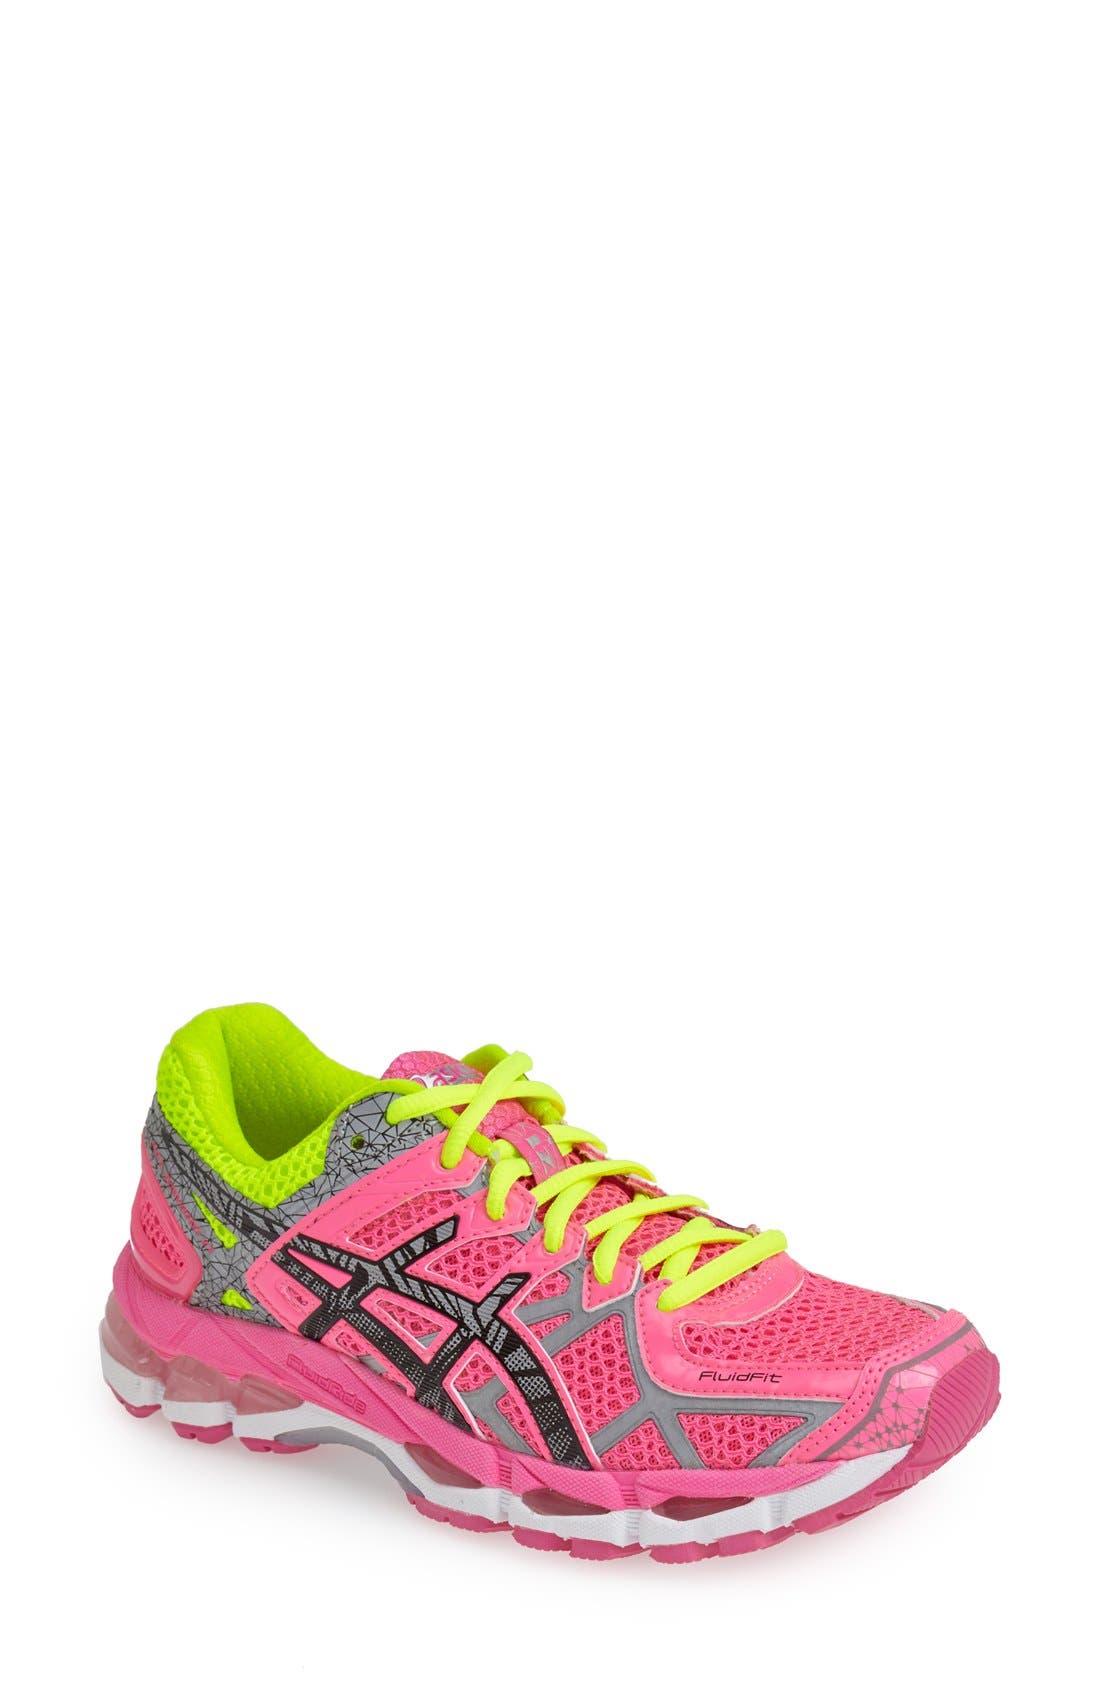 Main Image - ASICS 'GEL-Kayano® 21' Running Shoe (Women)